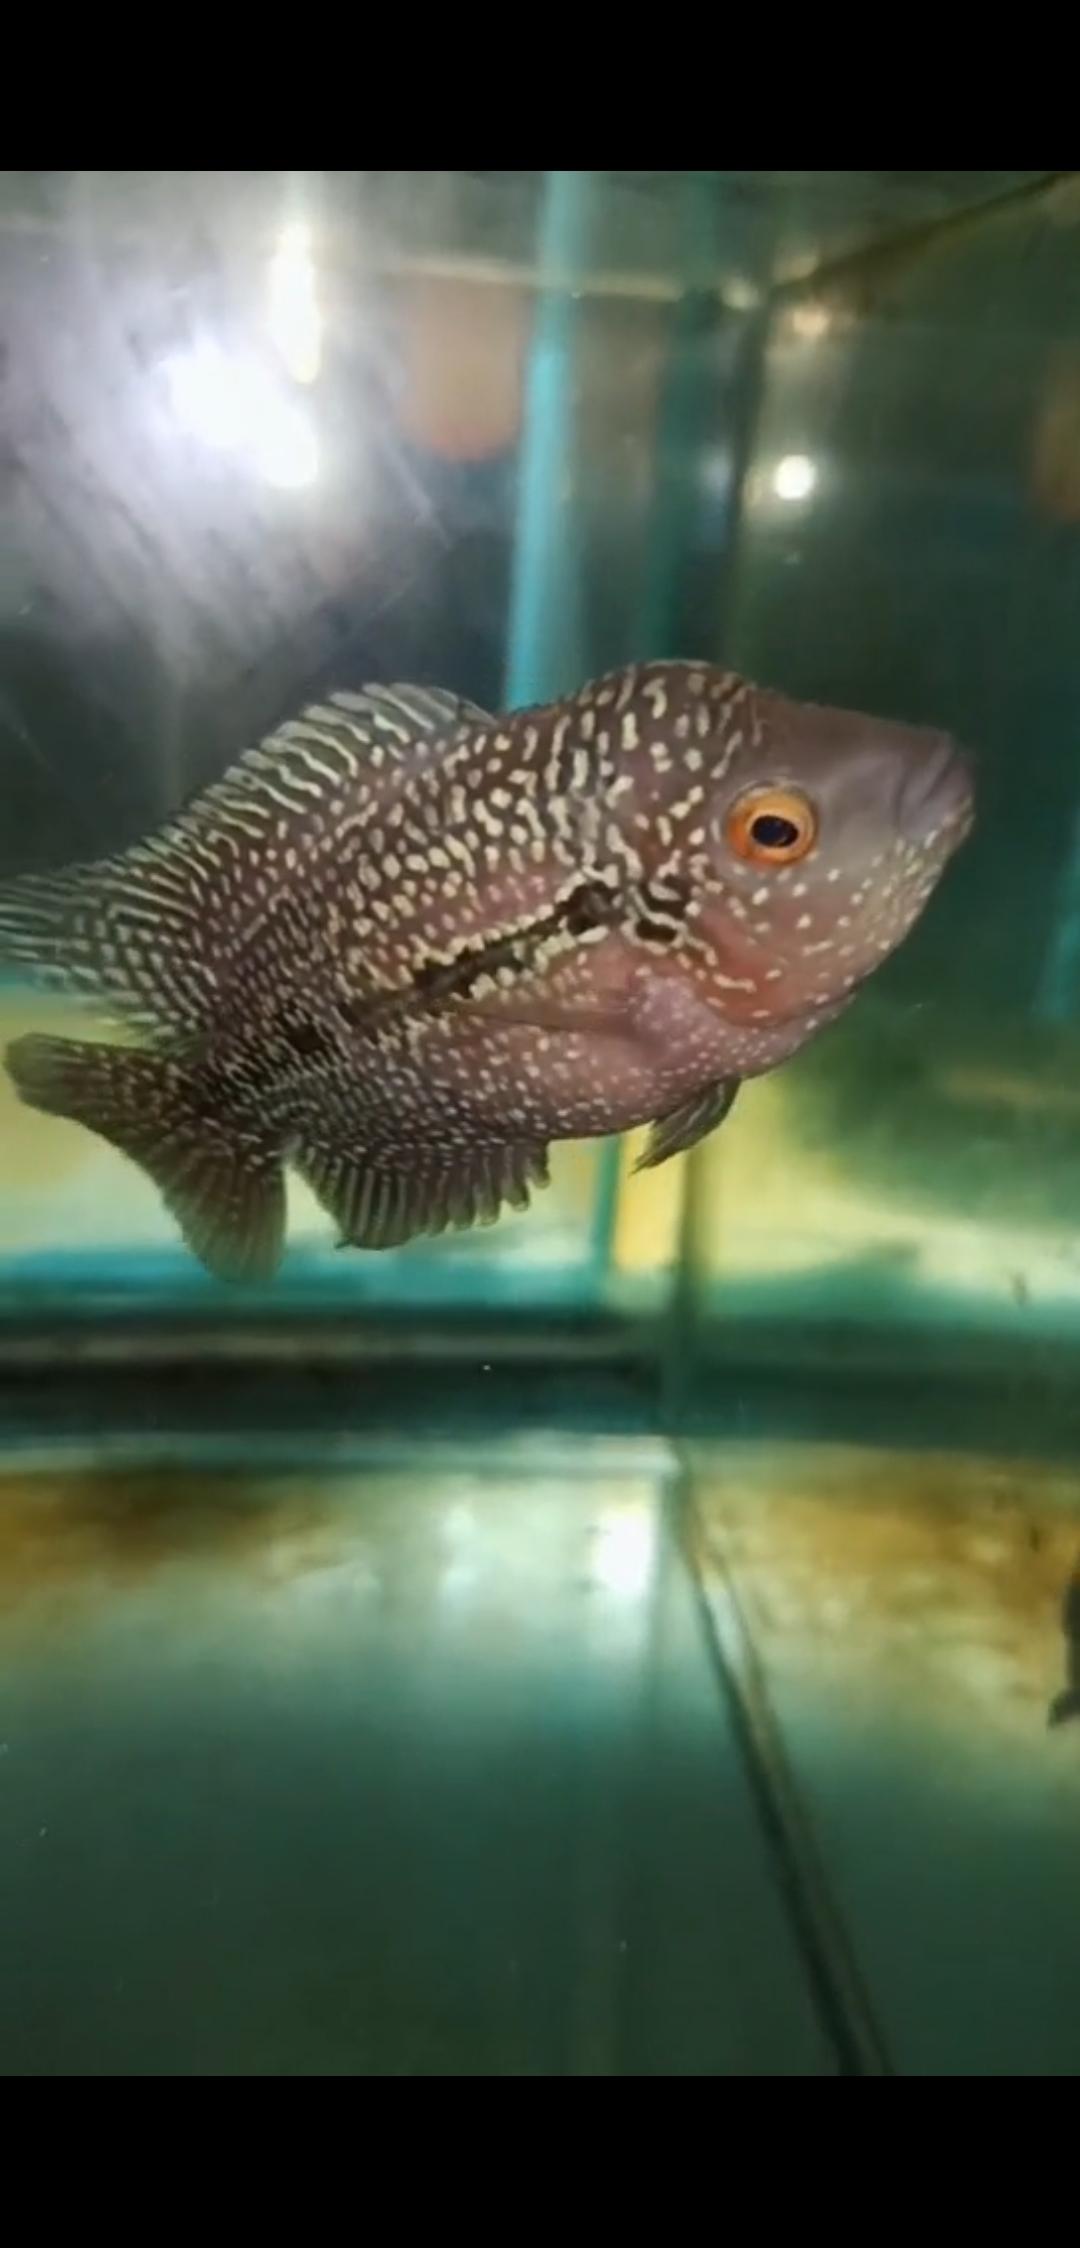 北京皇冠黑白魟鱼繁殖新手求助 北京观赏鱼 北京龙鱼第2张